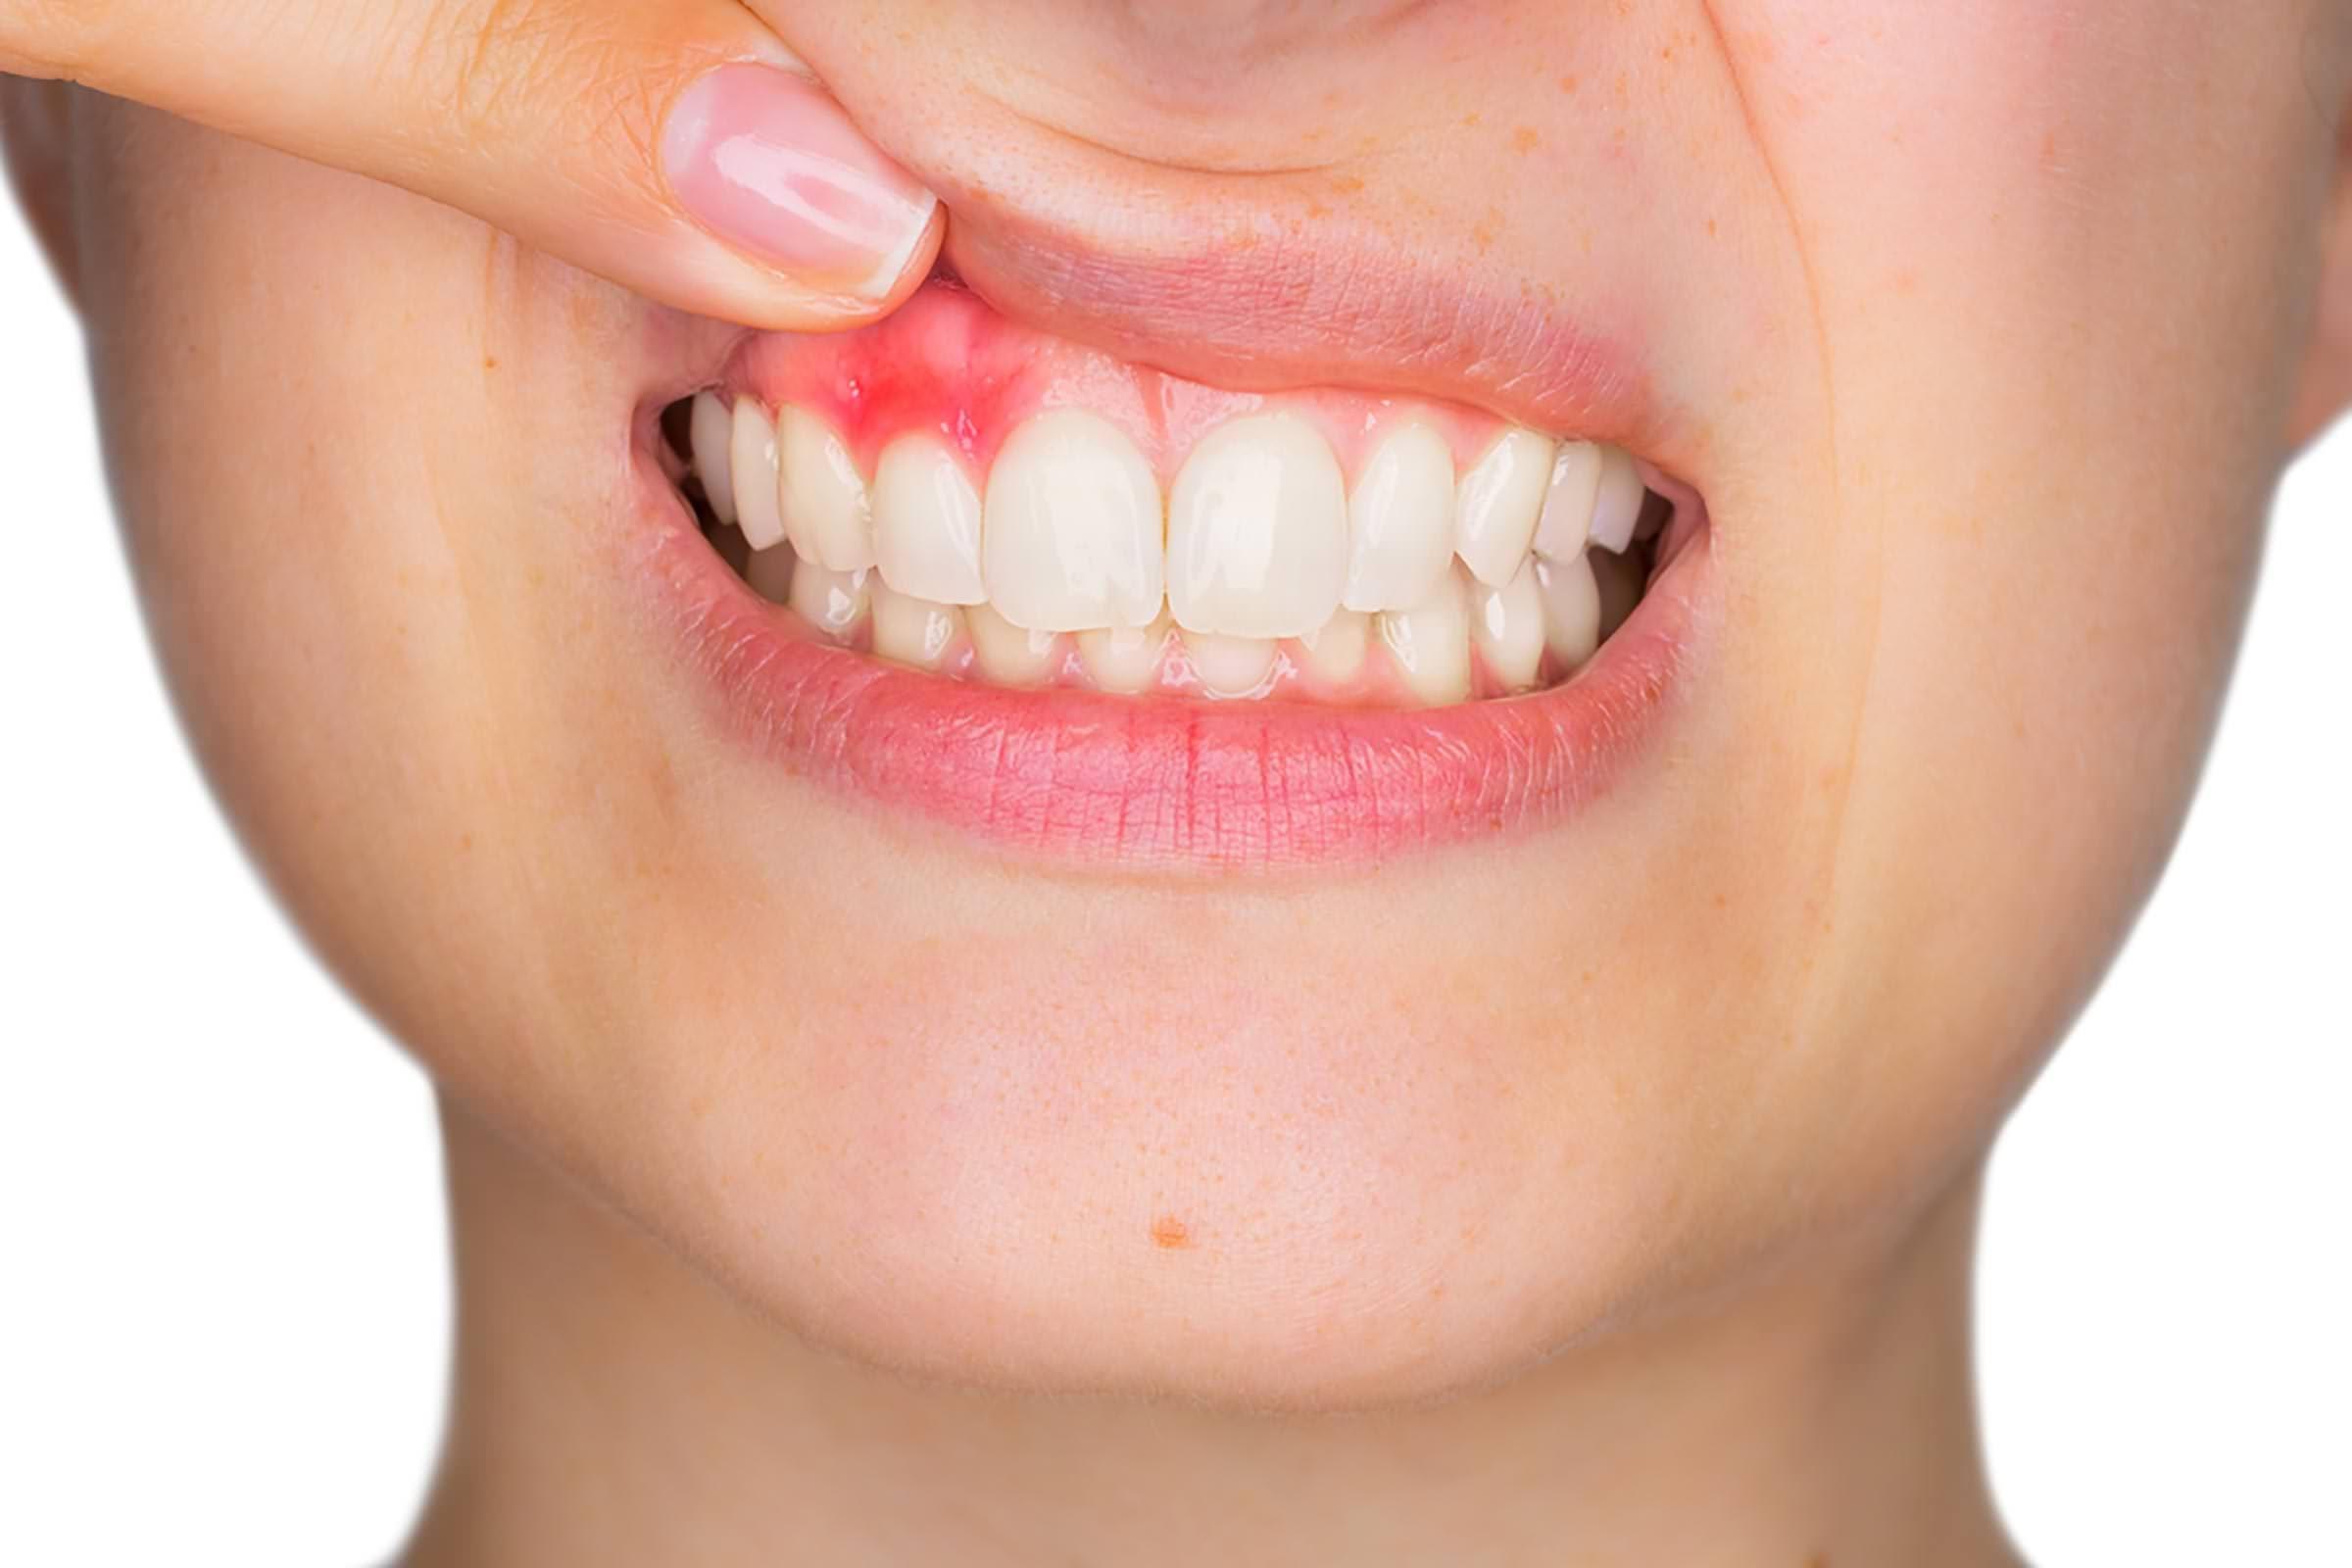 closeup of woman's gums